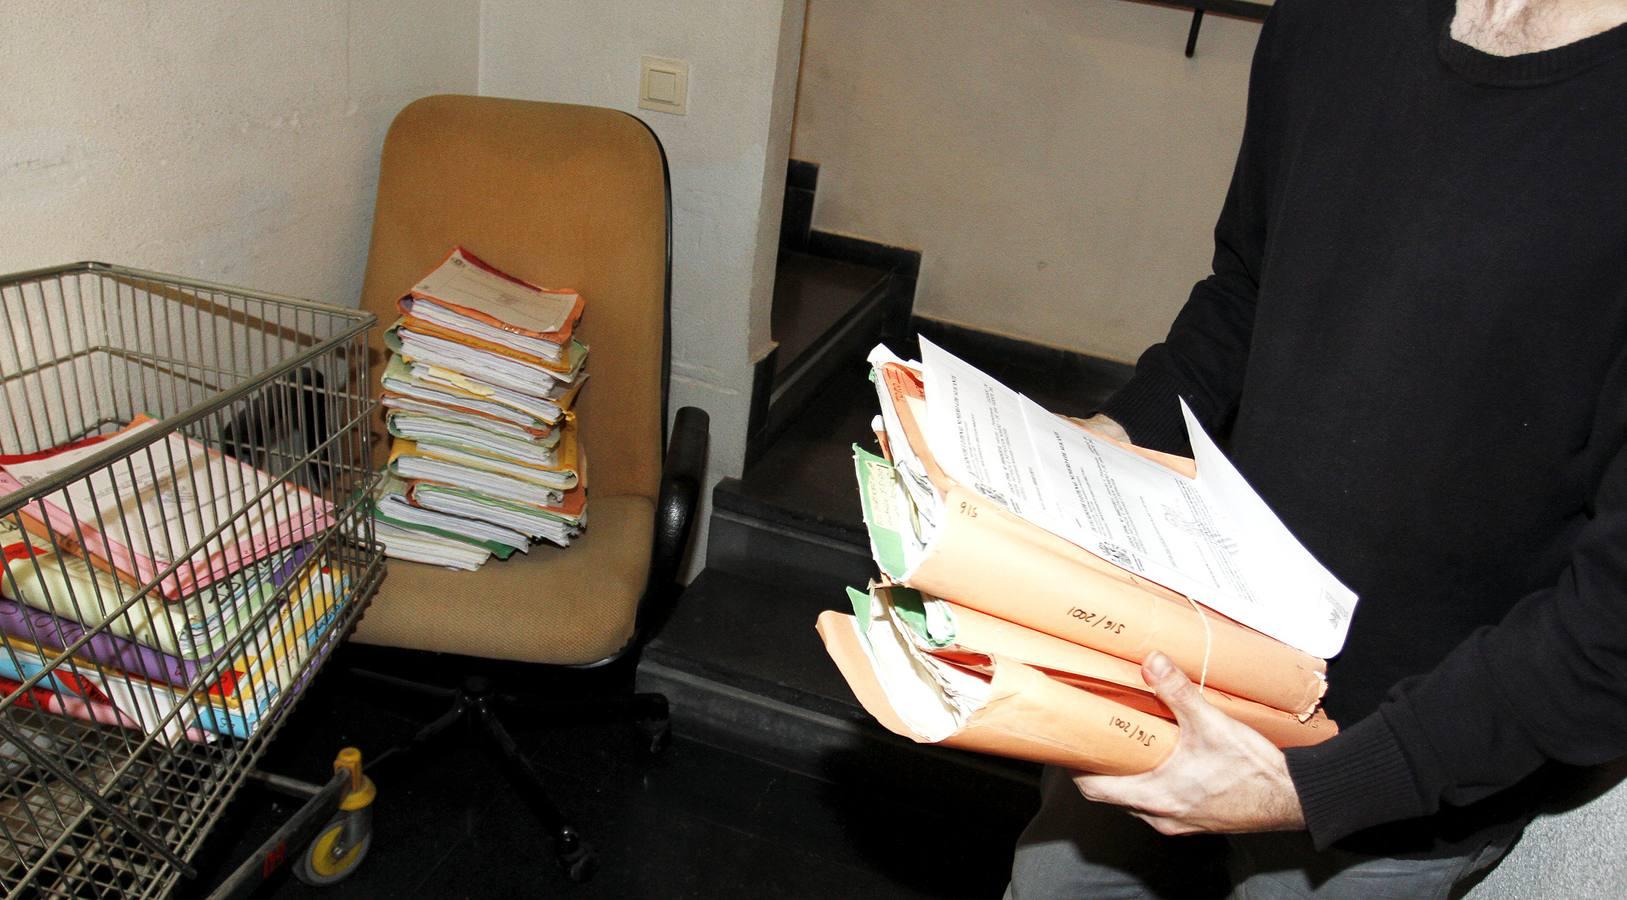 Torres Dulce espera que la Comunitat «ponga remedio» a las deficiencias en las Fiscalías